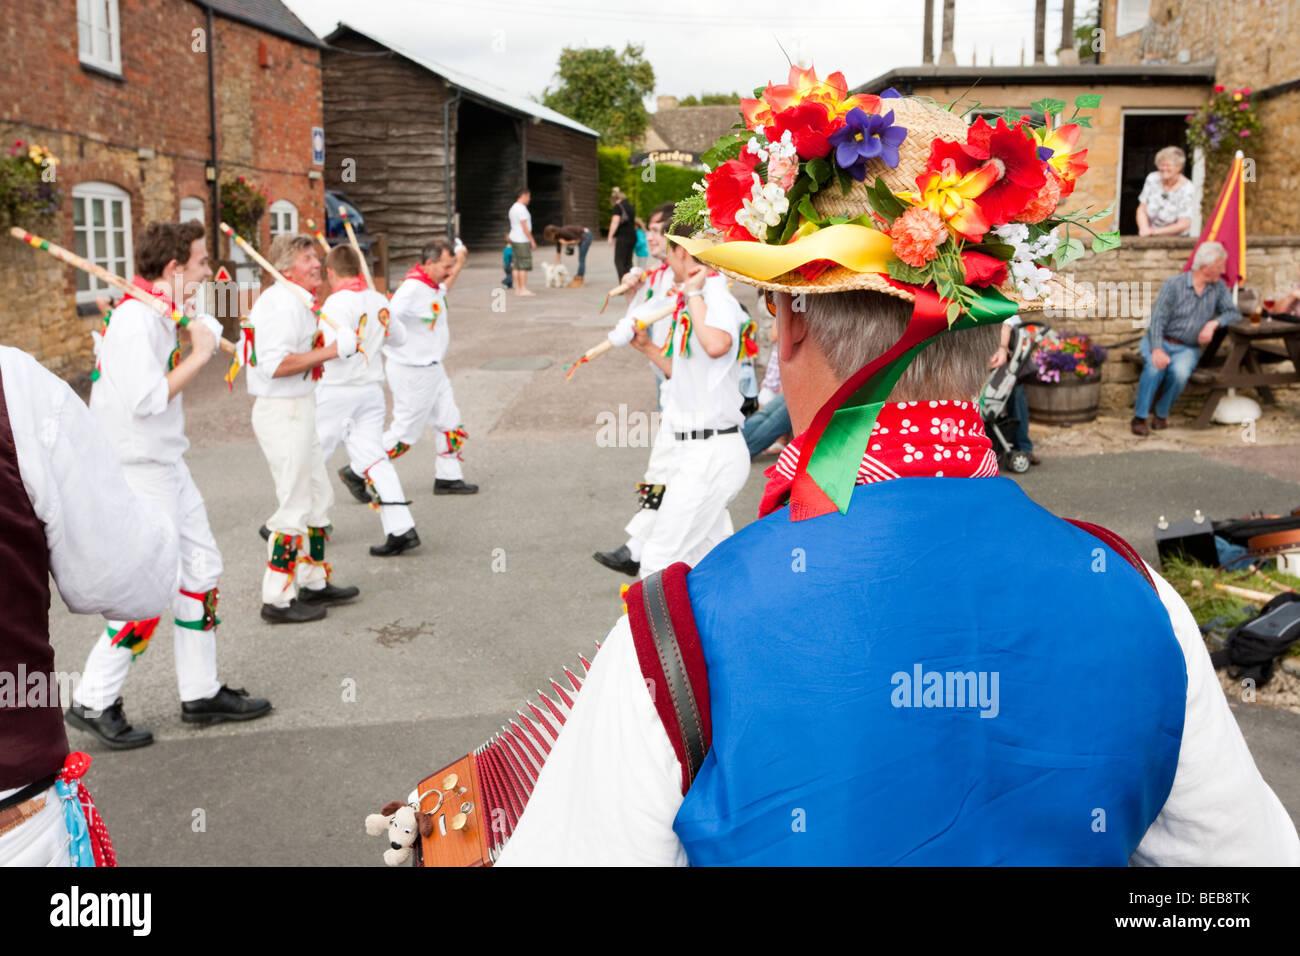 Il Chipping Campden Morris uomini ballare di fronte al Bell Inn nel villaggio Costwold di Willersey, Gloucestershire Immagini Stock